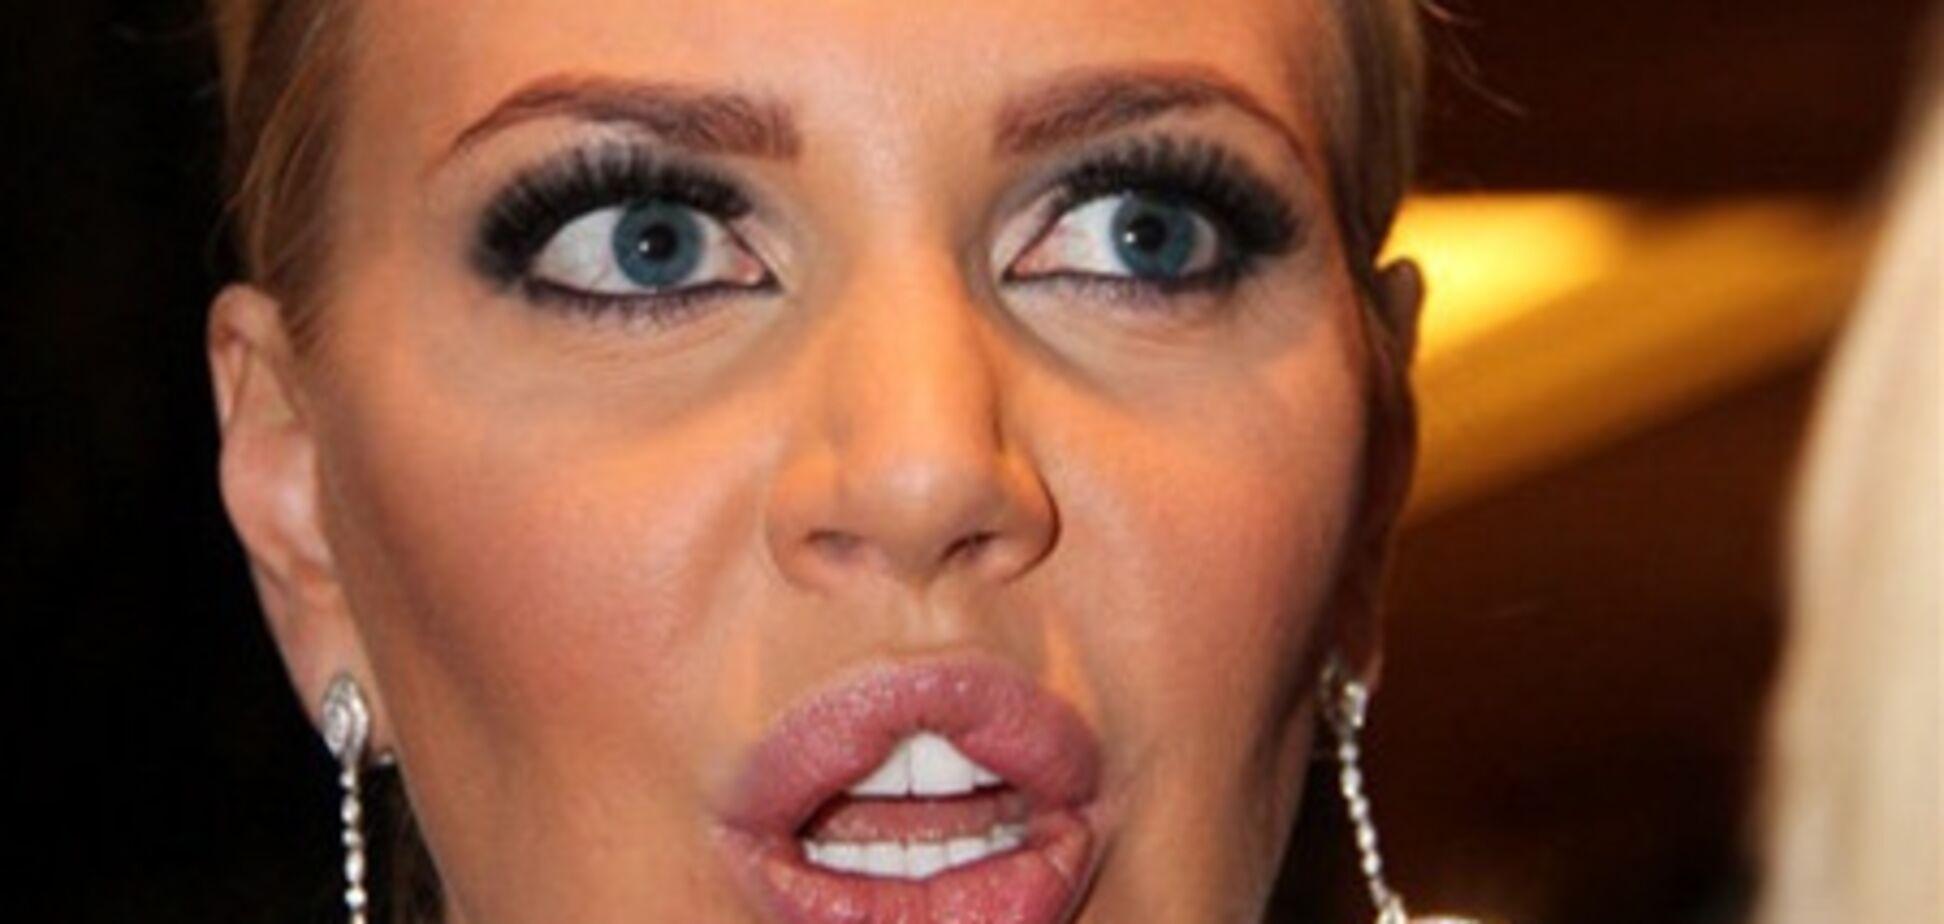 Маша Малиновская снова сделала пластику губ